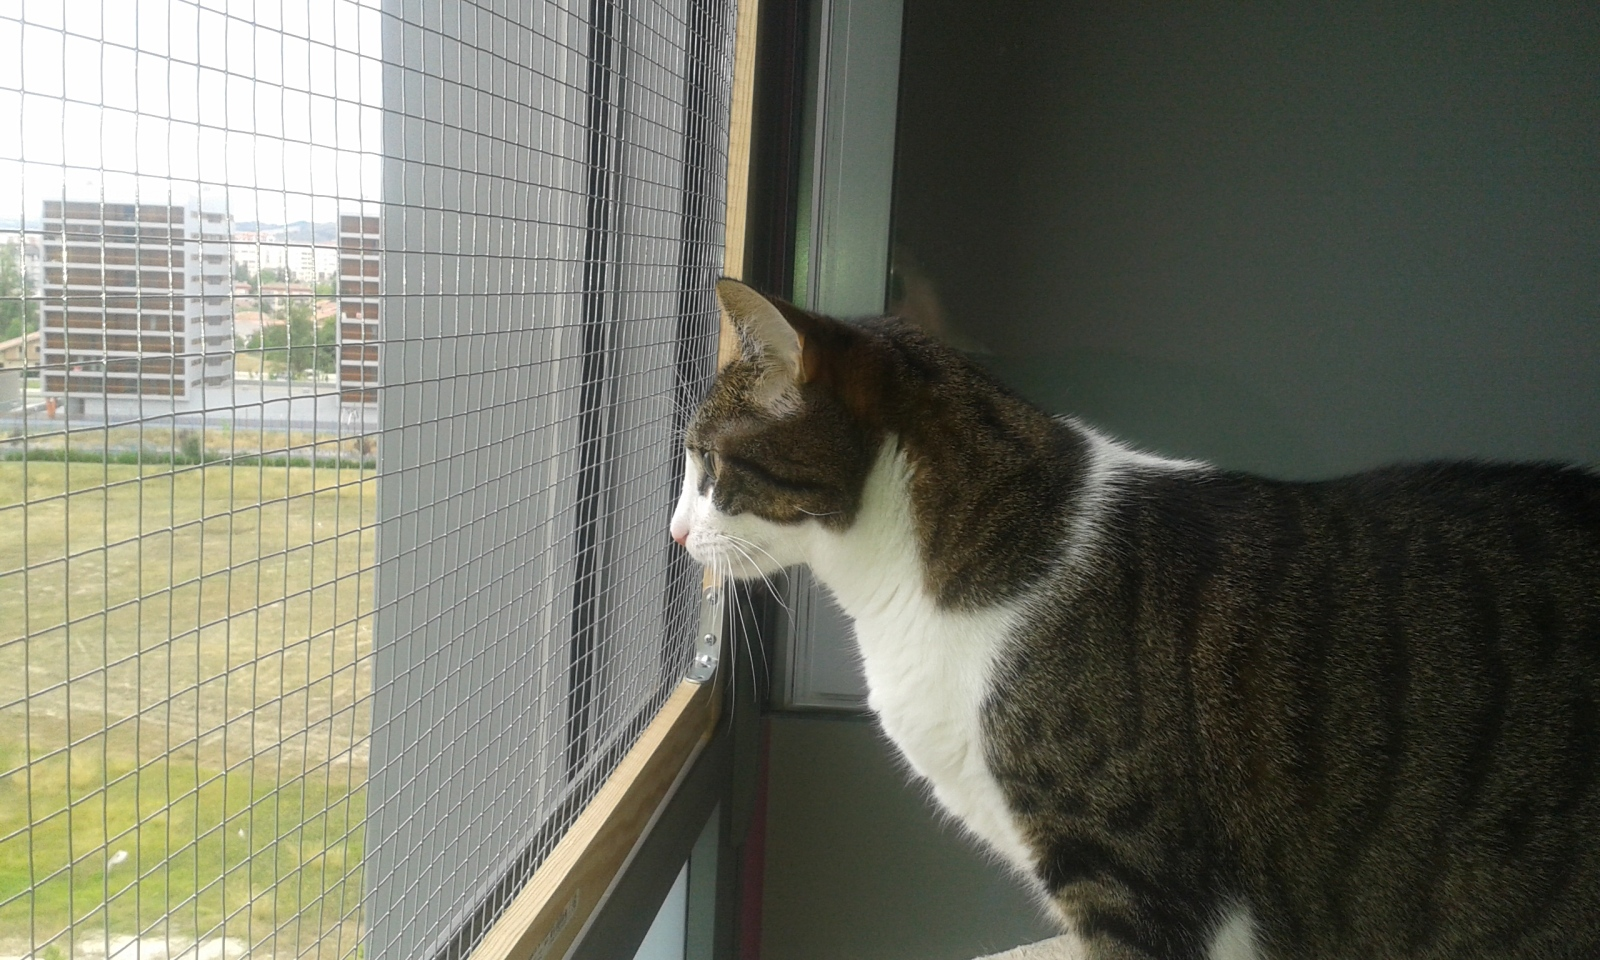 redes - Mosquiteras y redes para las ventanas y cómo proteger a nuestros gatos - Página 10 2dtagsl